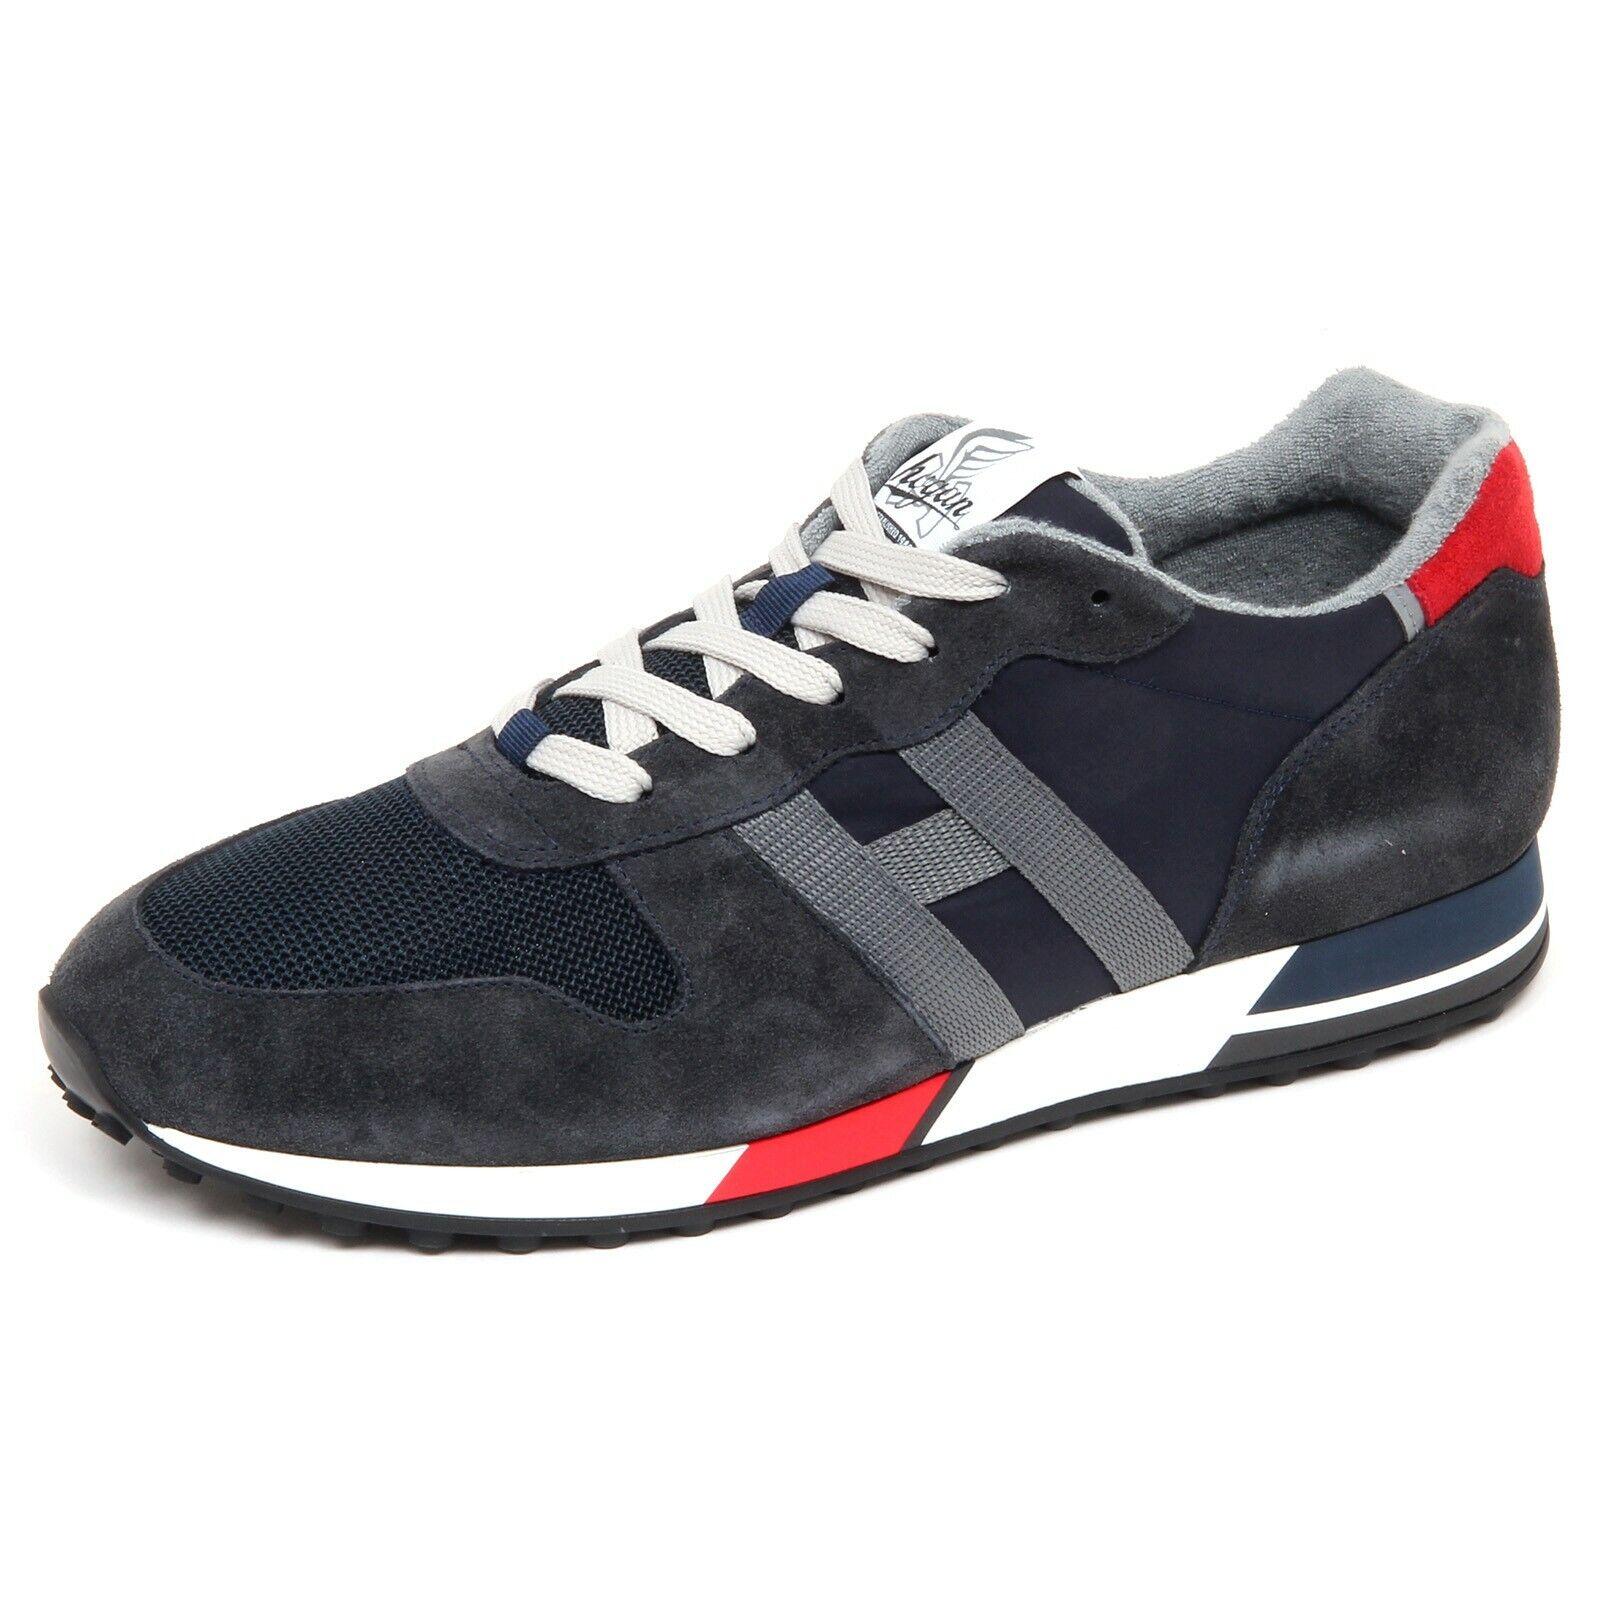 F5586 zapatilla de deporte hombres azul gris HOGAN H383 zapatos H86RUN Zapato hombre